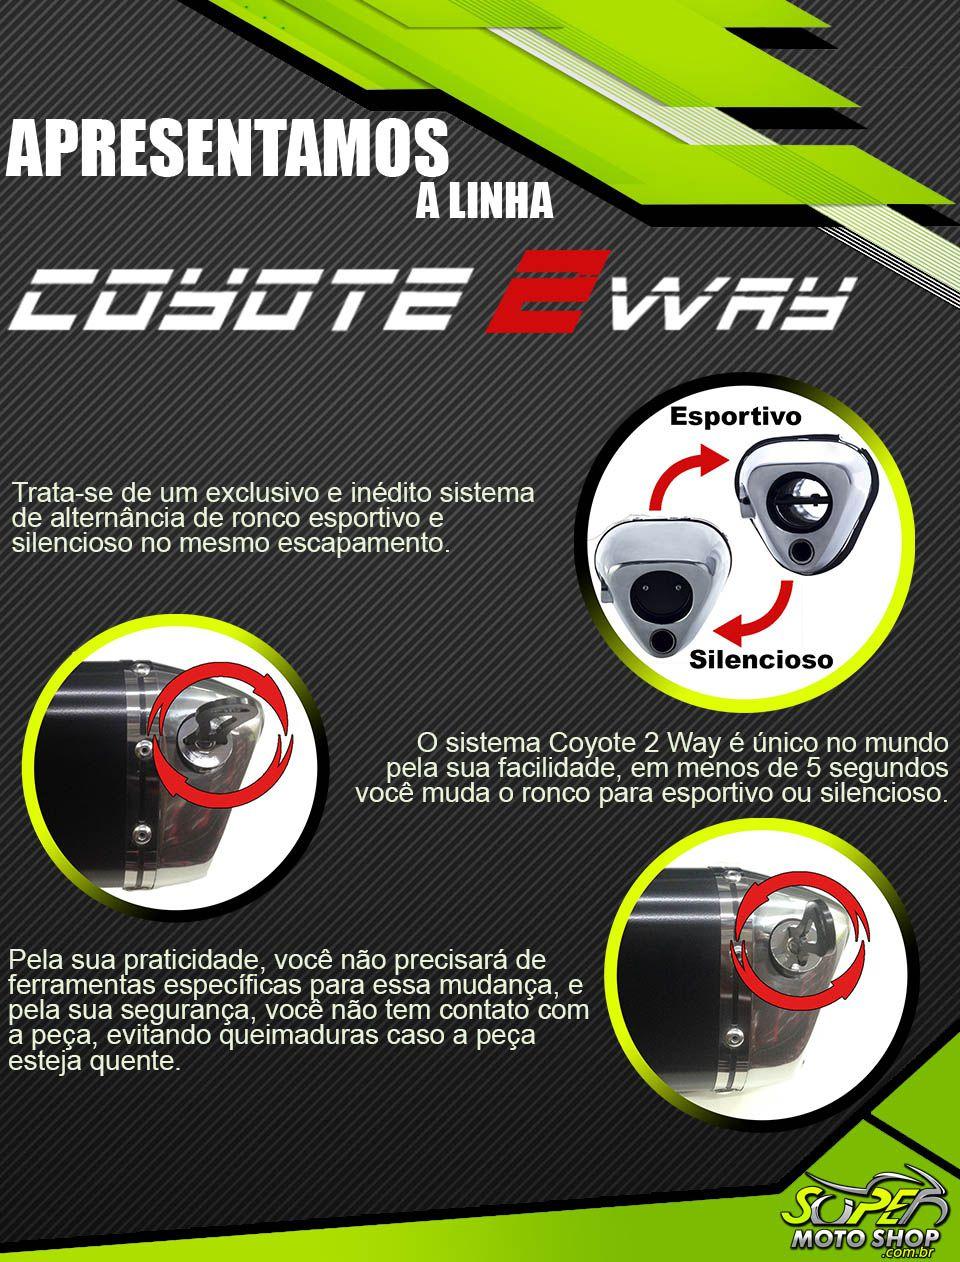 Escape / Ponteira Coyote TRS 2 WAY Alumínio - Yes 125 - Suzuki